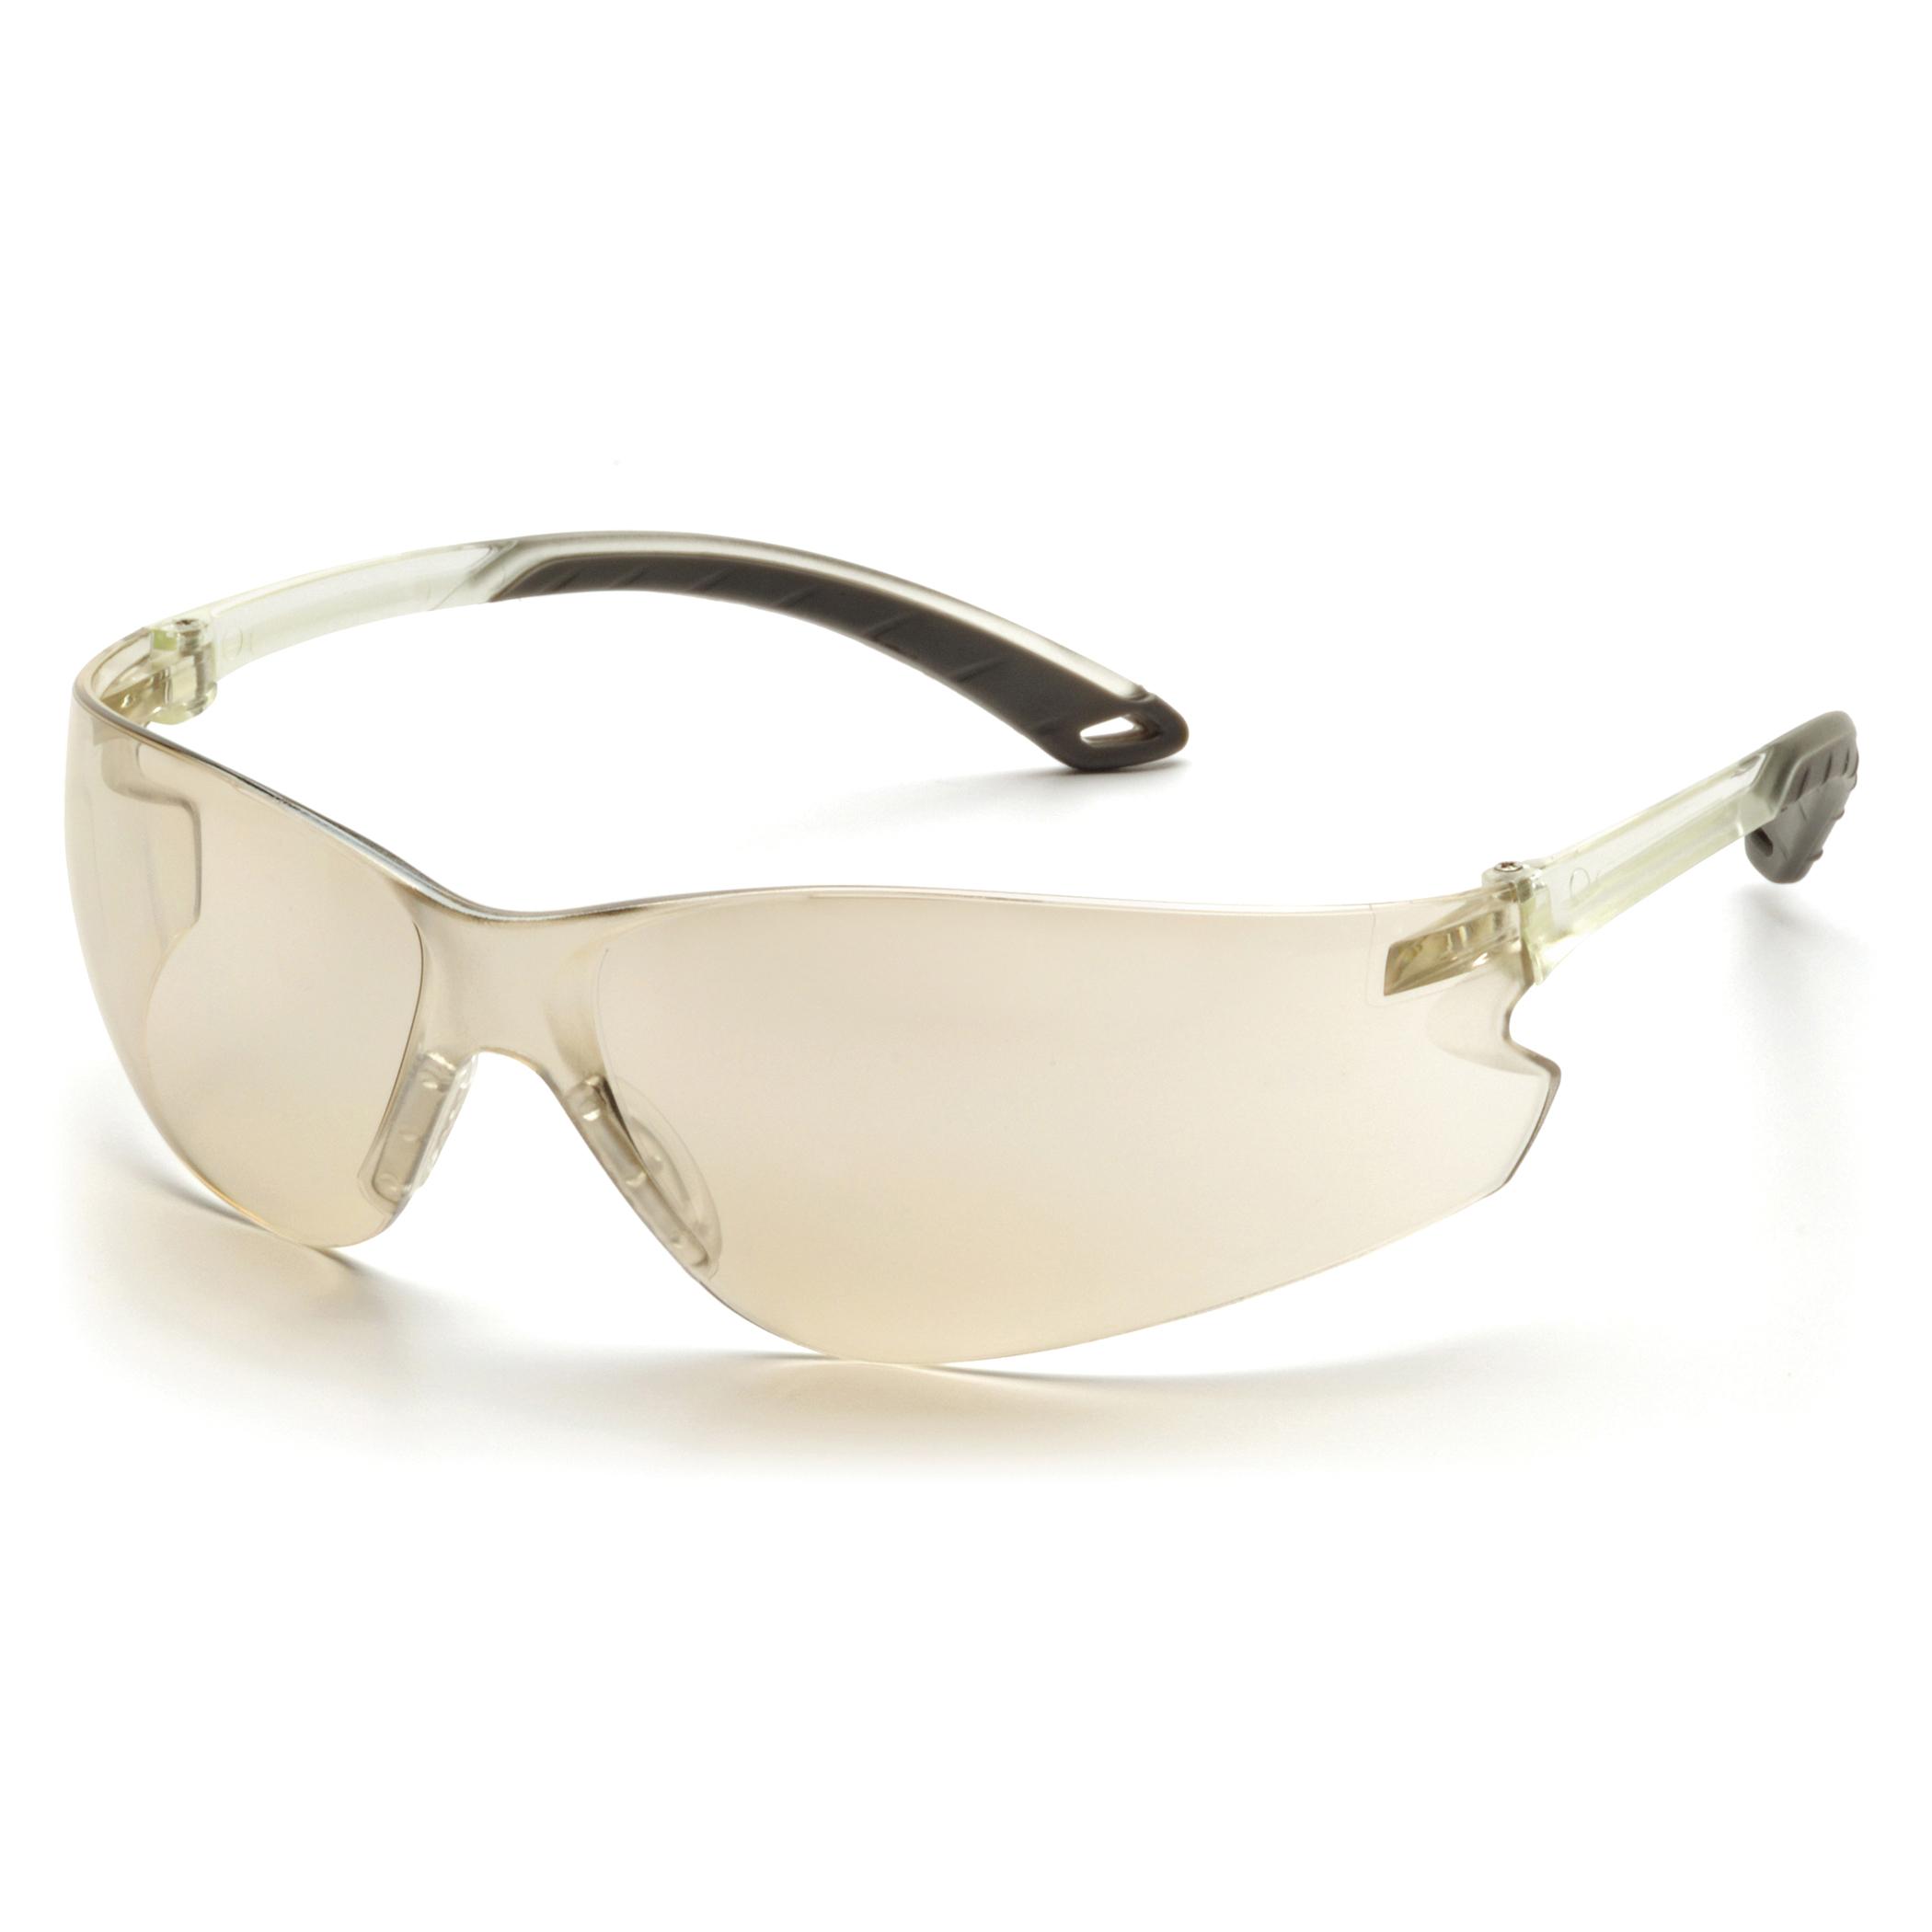 Itek Safety Glasses